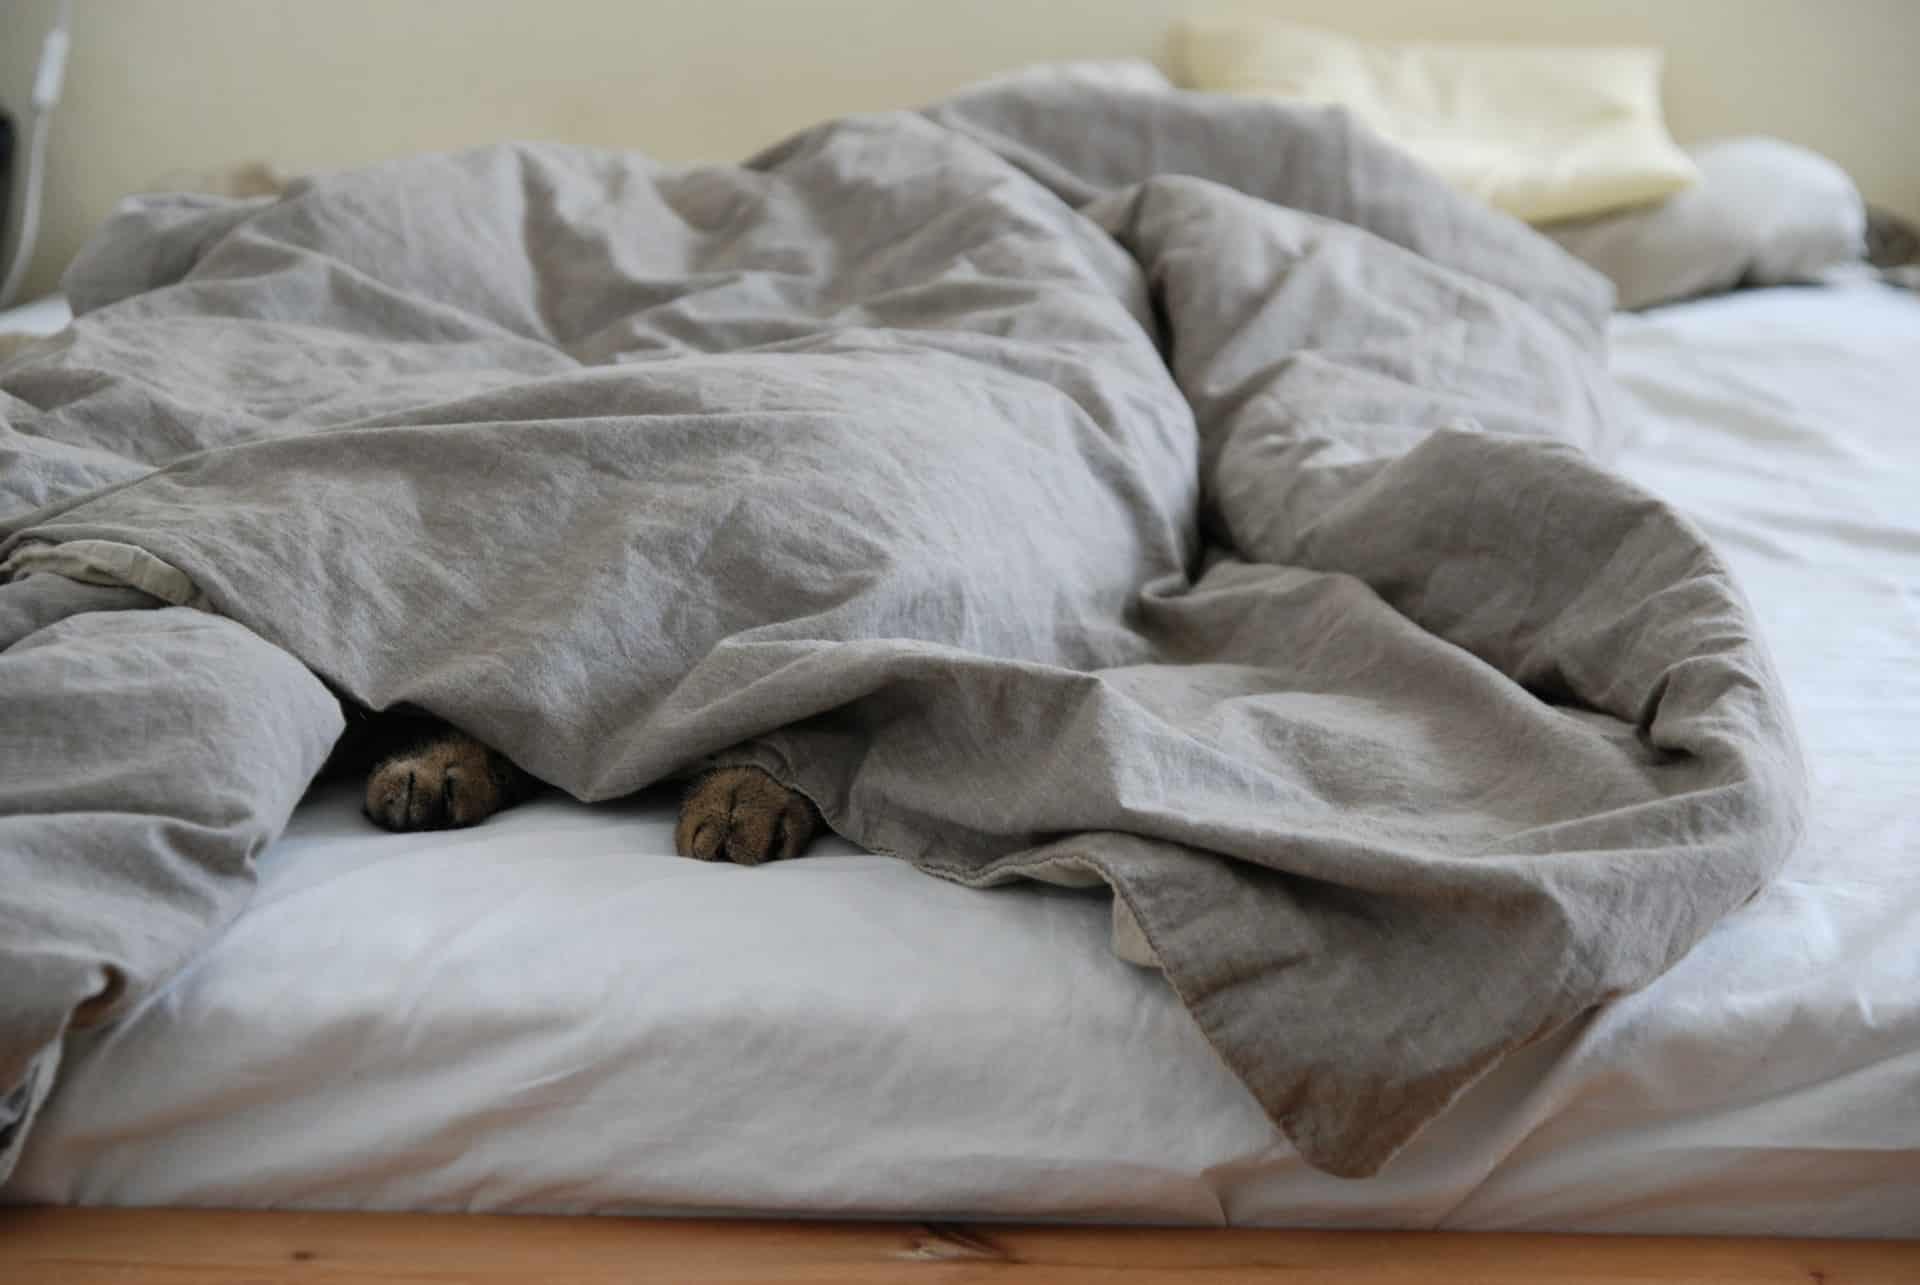 Imagem de animal deitado em uma cama com as patas surgindo debaixo de um edredom cinza.